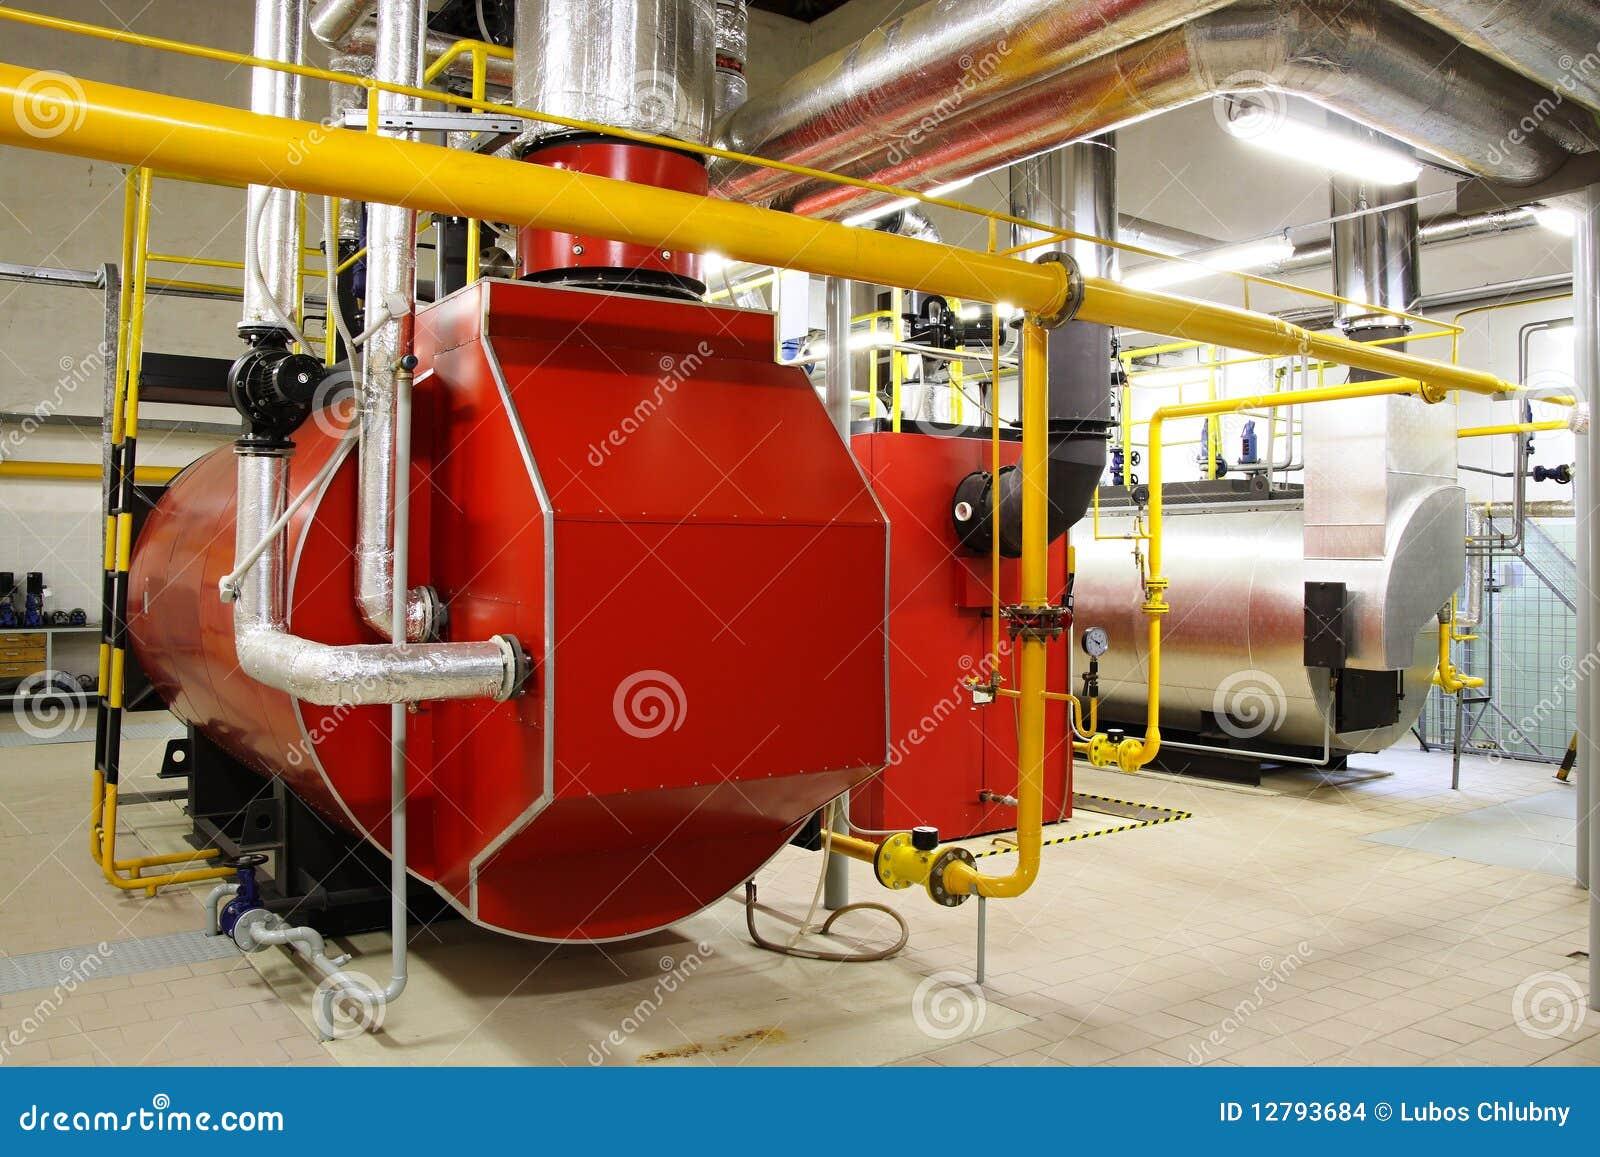 Calderas de gas en sitio de caldera de gas imagenes de - Calderas de gas ...